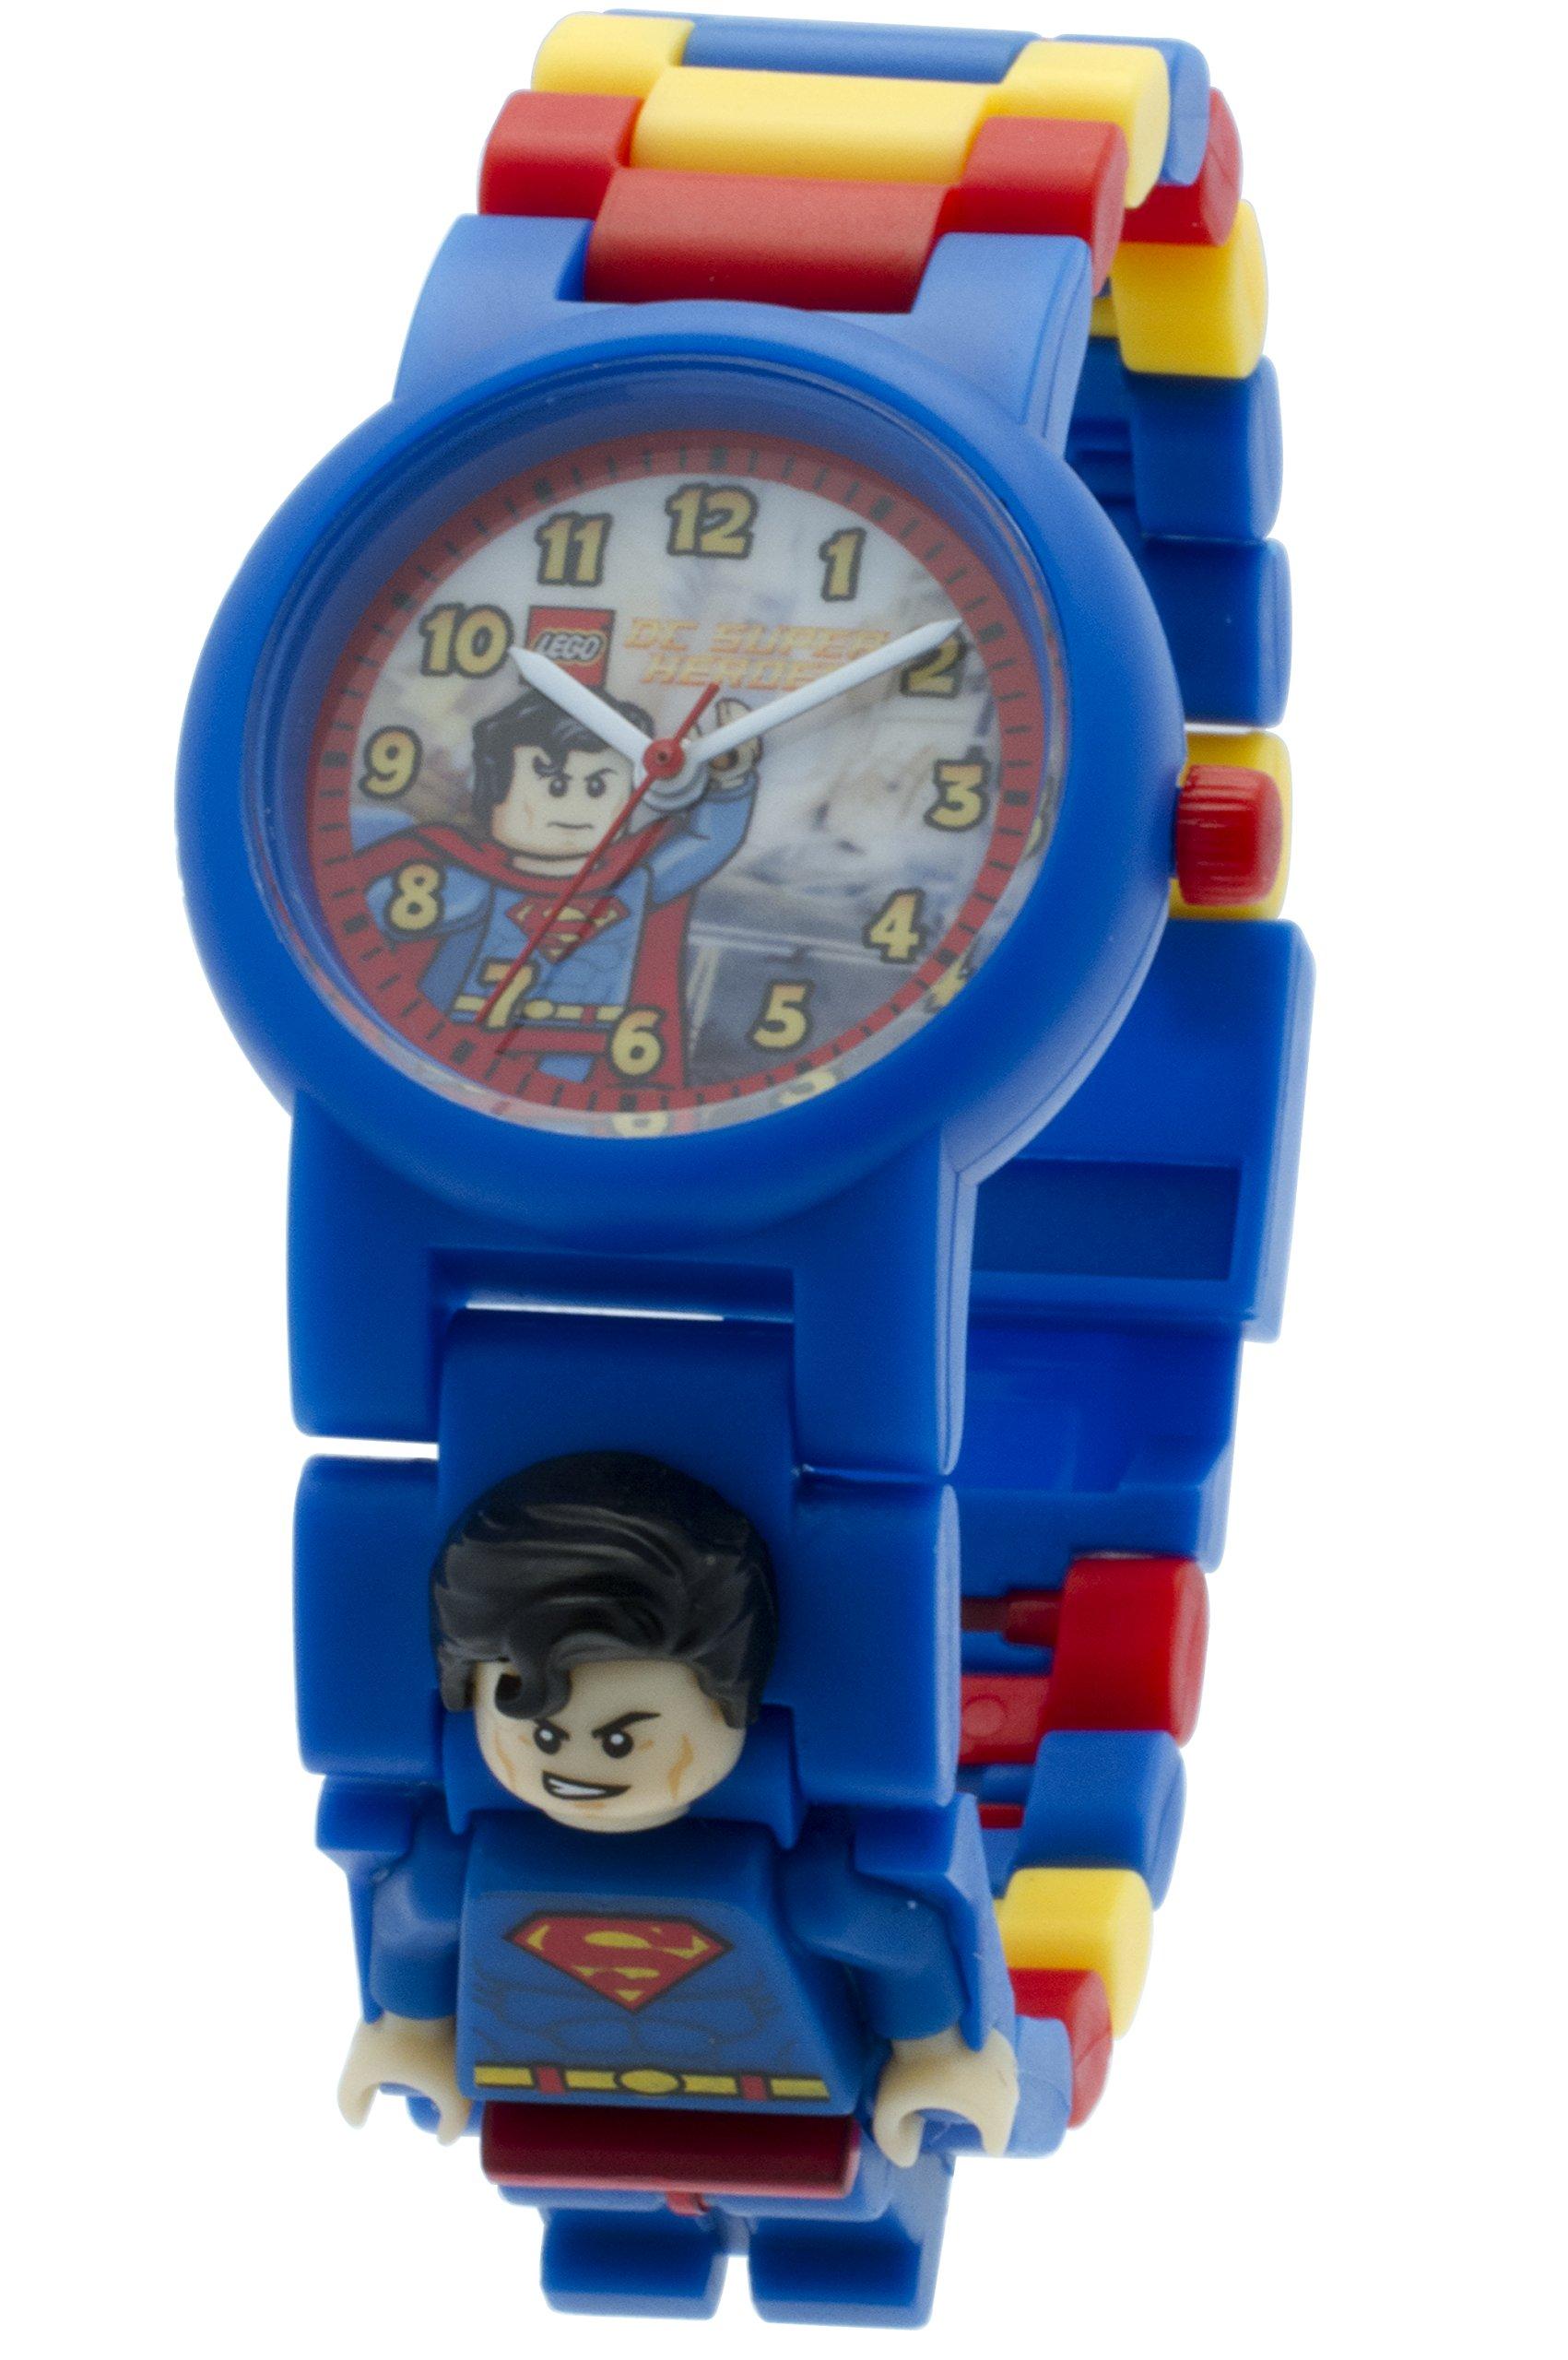 LEGO DC Comics 8020257 Super Heroes Superman Kinder-Armbanduhr mit Minifigur und Gliederarmband zum Zusammenbauen,blau/rot,Kunststoff,Gehäusedurchmesser 25mm,analoge Quarzuhr,Junge/Mädchen,,offiziell